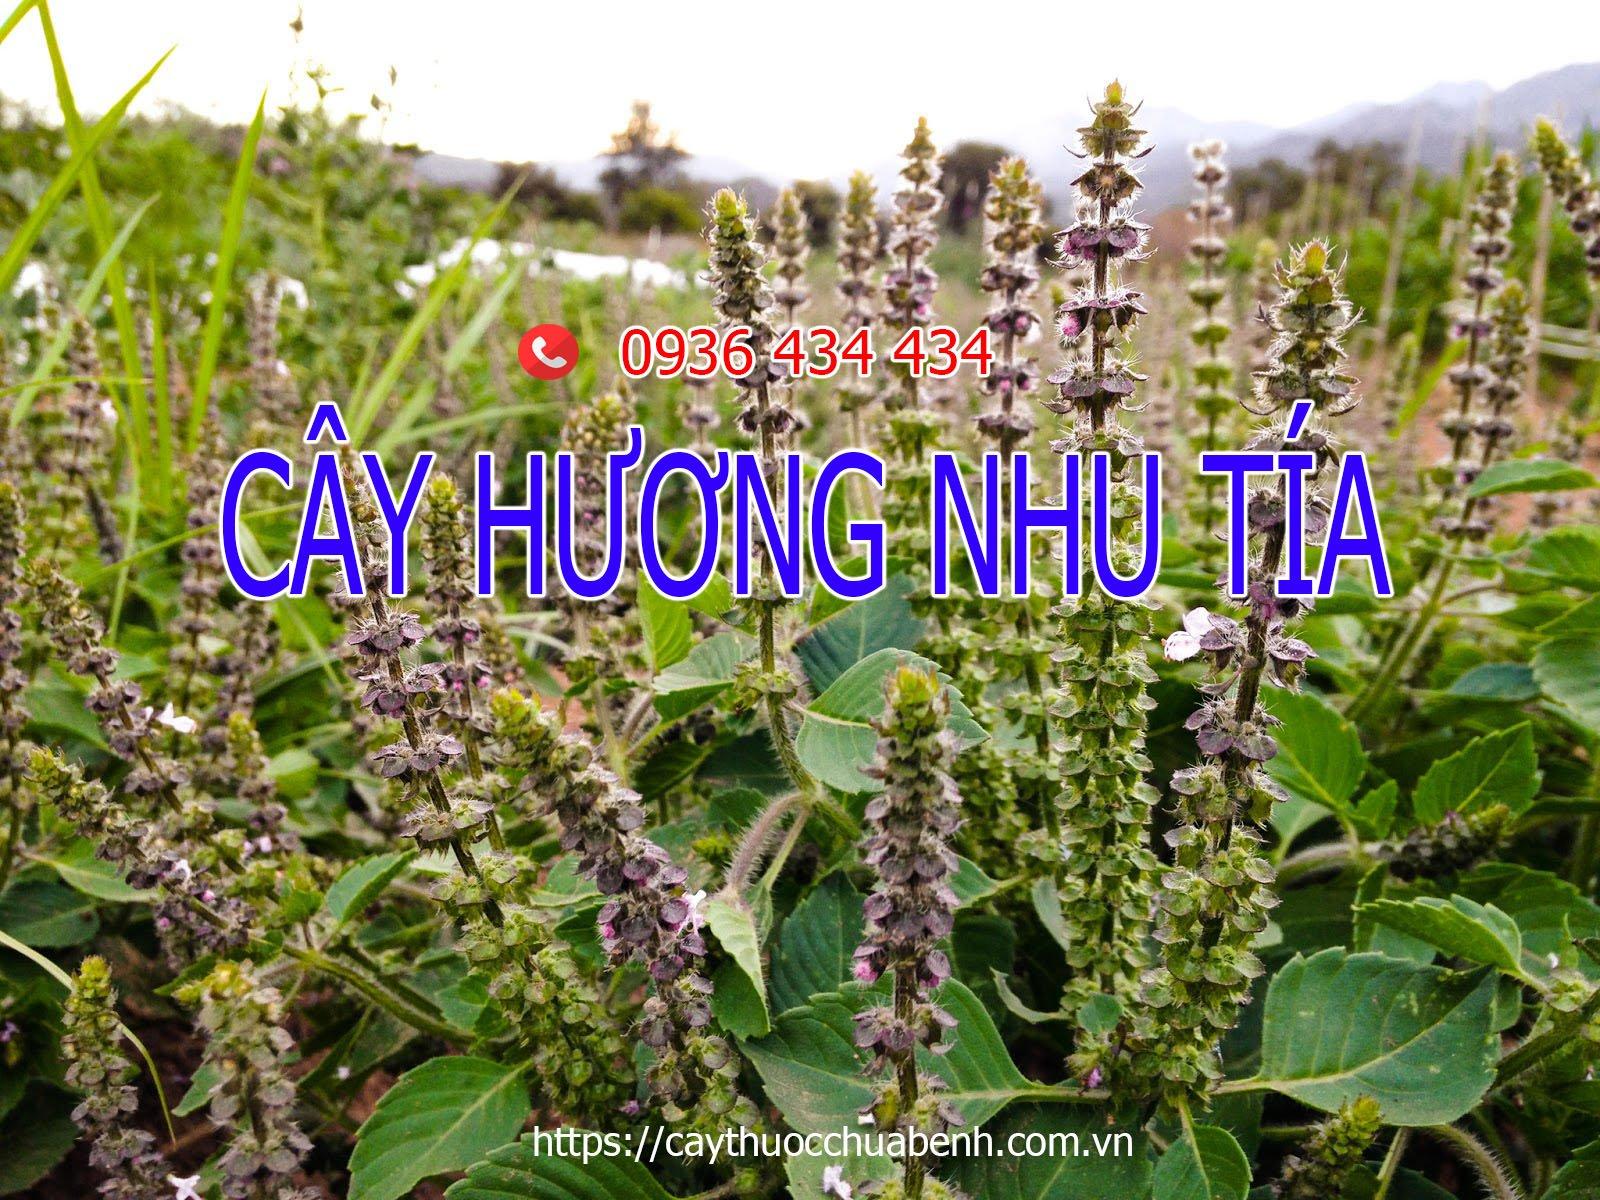 Cây Hương Nhu tía